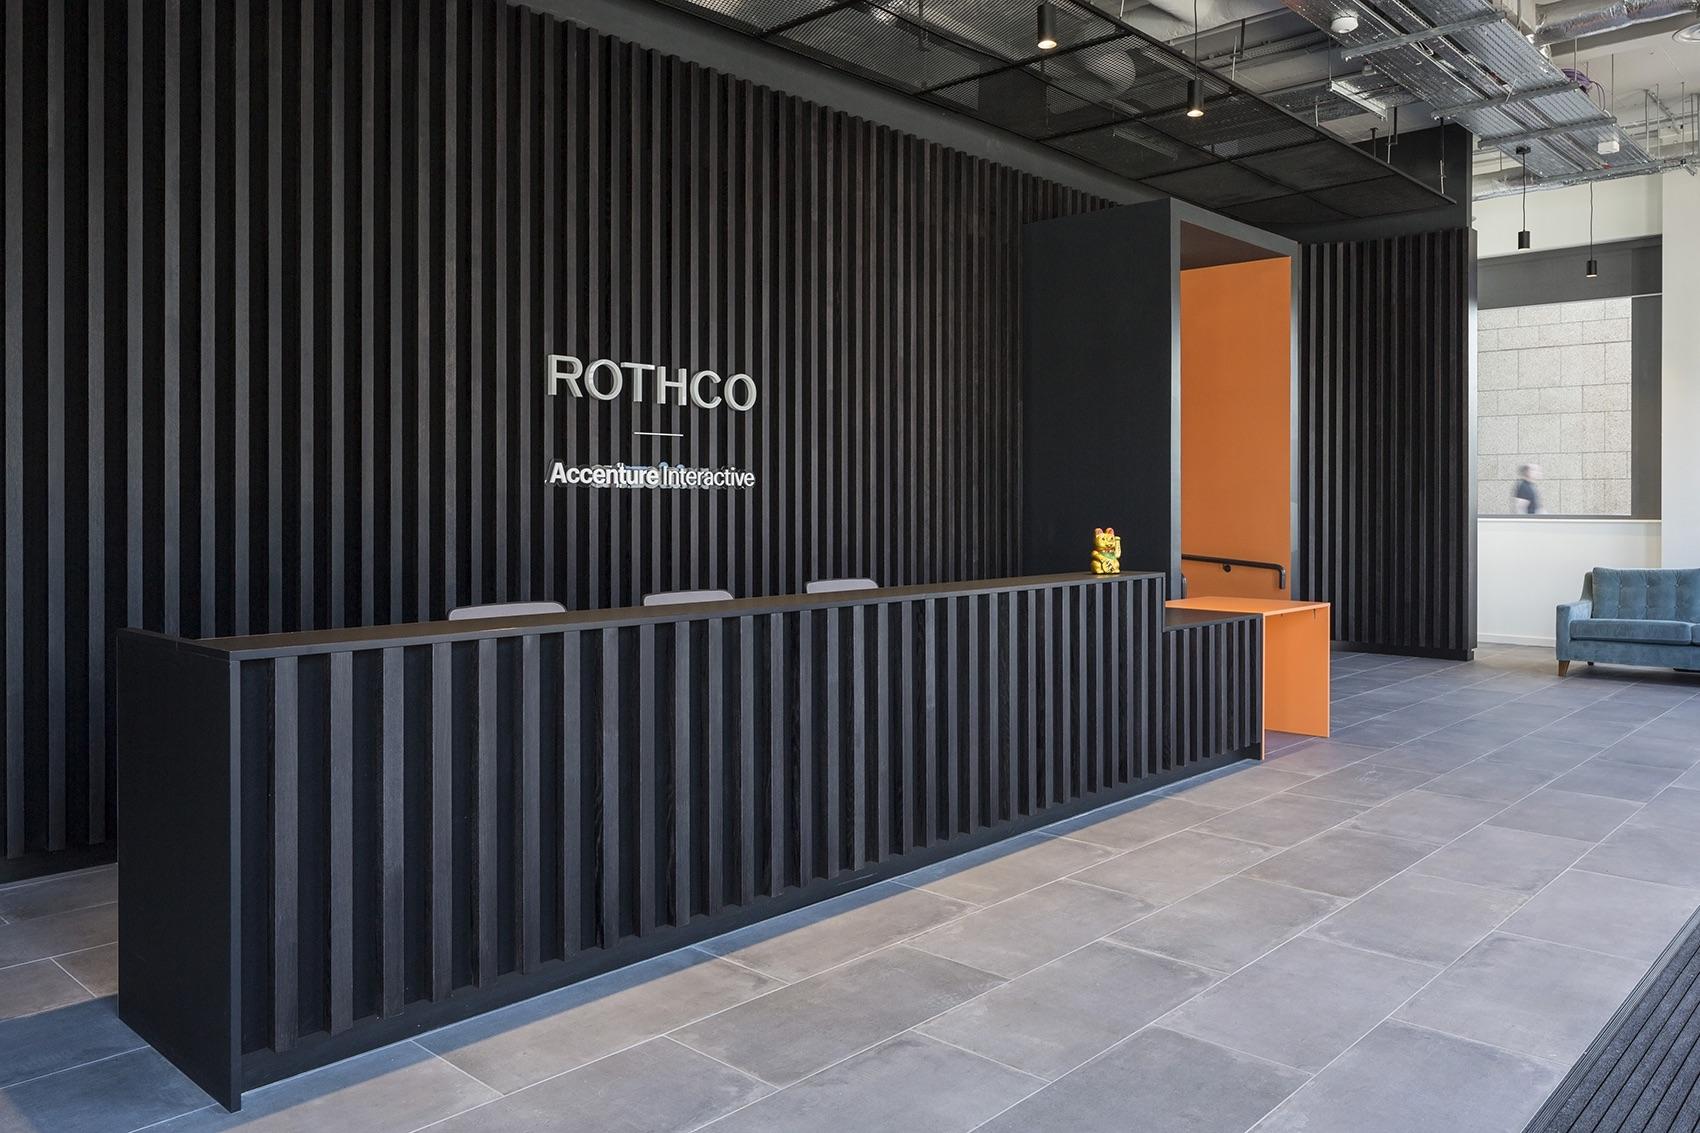 rothco-office-dublin-2